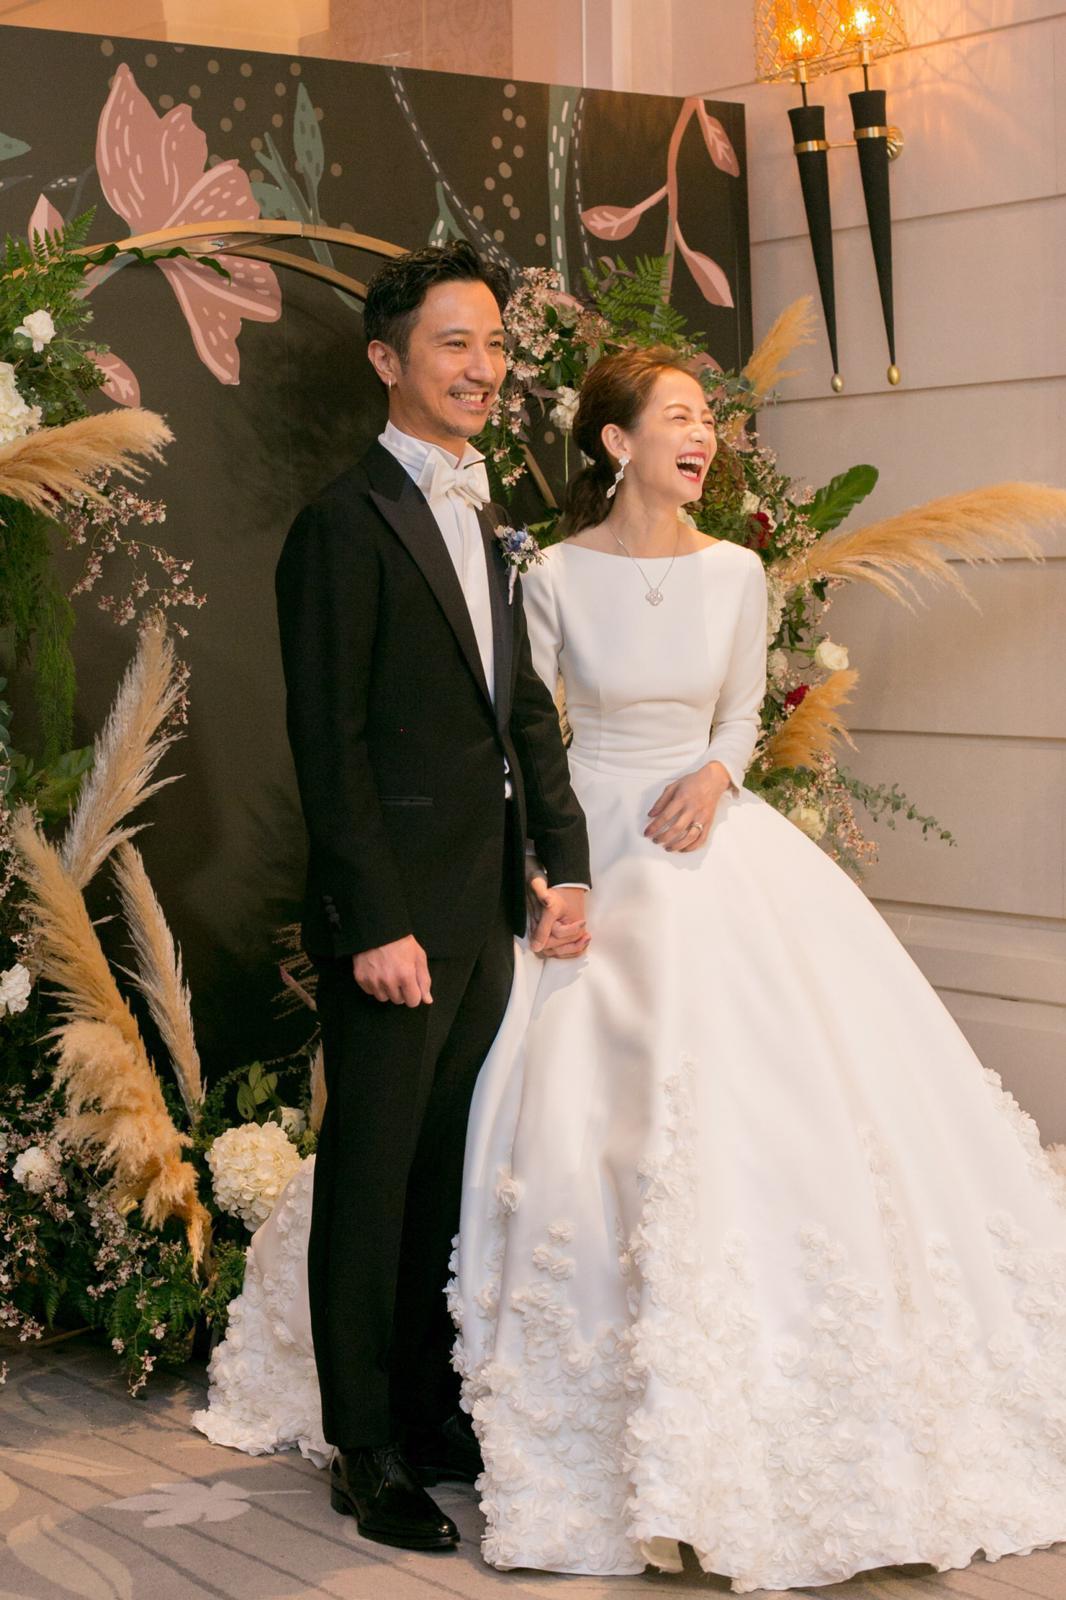 去年登記結婚的女星簡嫚書,今天和髮型師老公雲昌隆補辦婚宴,進場的白紗禮服大走夢幻...